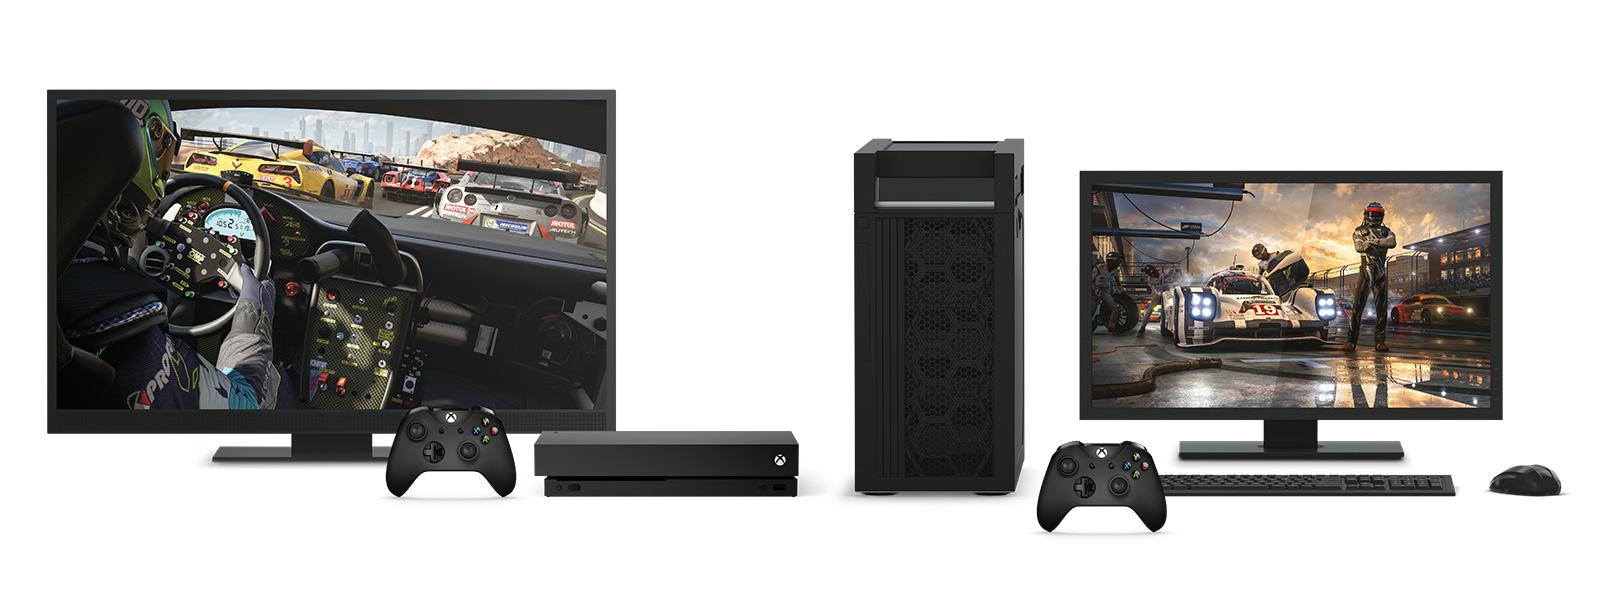 Xbox One X en een 4K-desktop met Forza Motorsport 7 op een tv en een pc-scherm